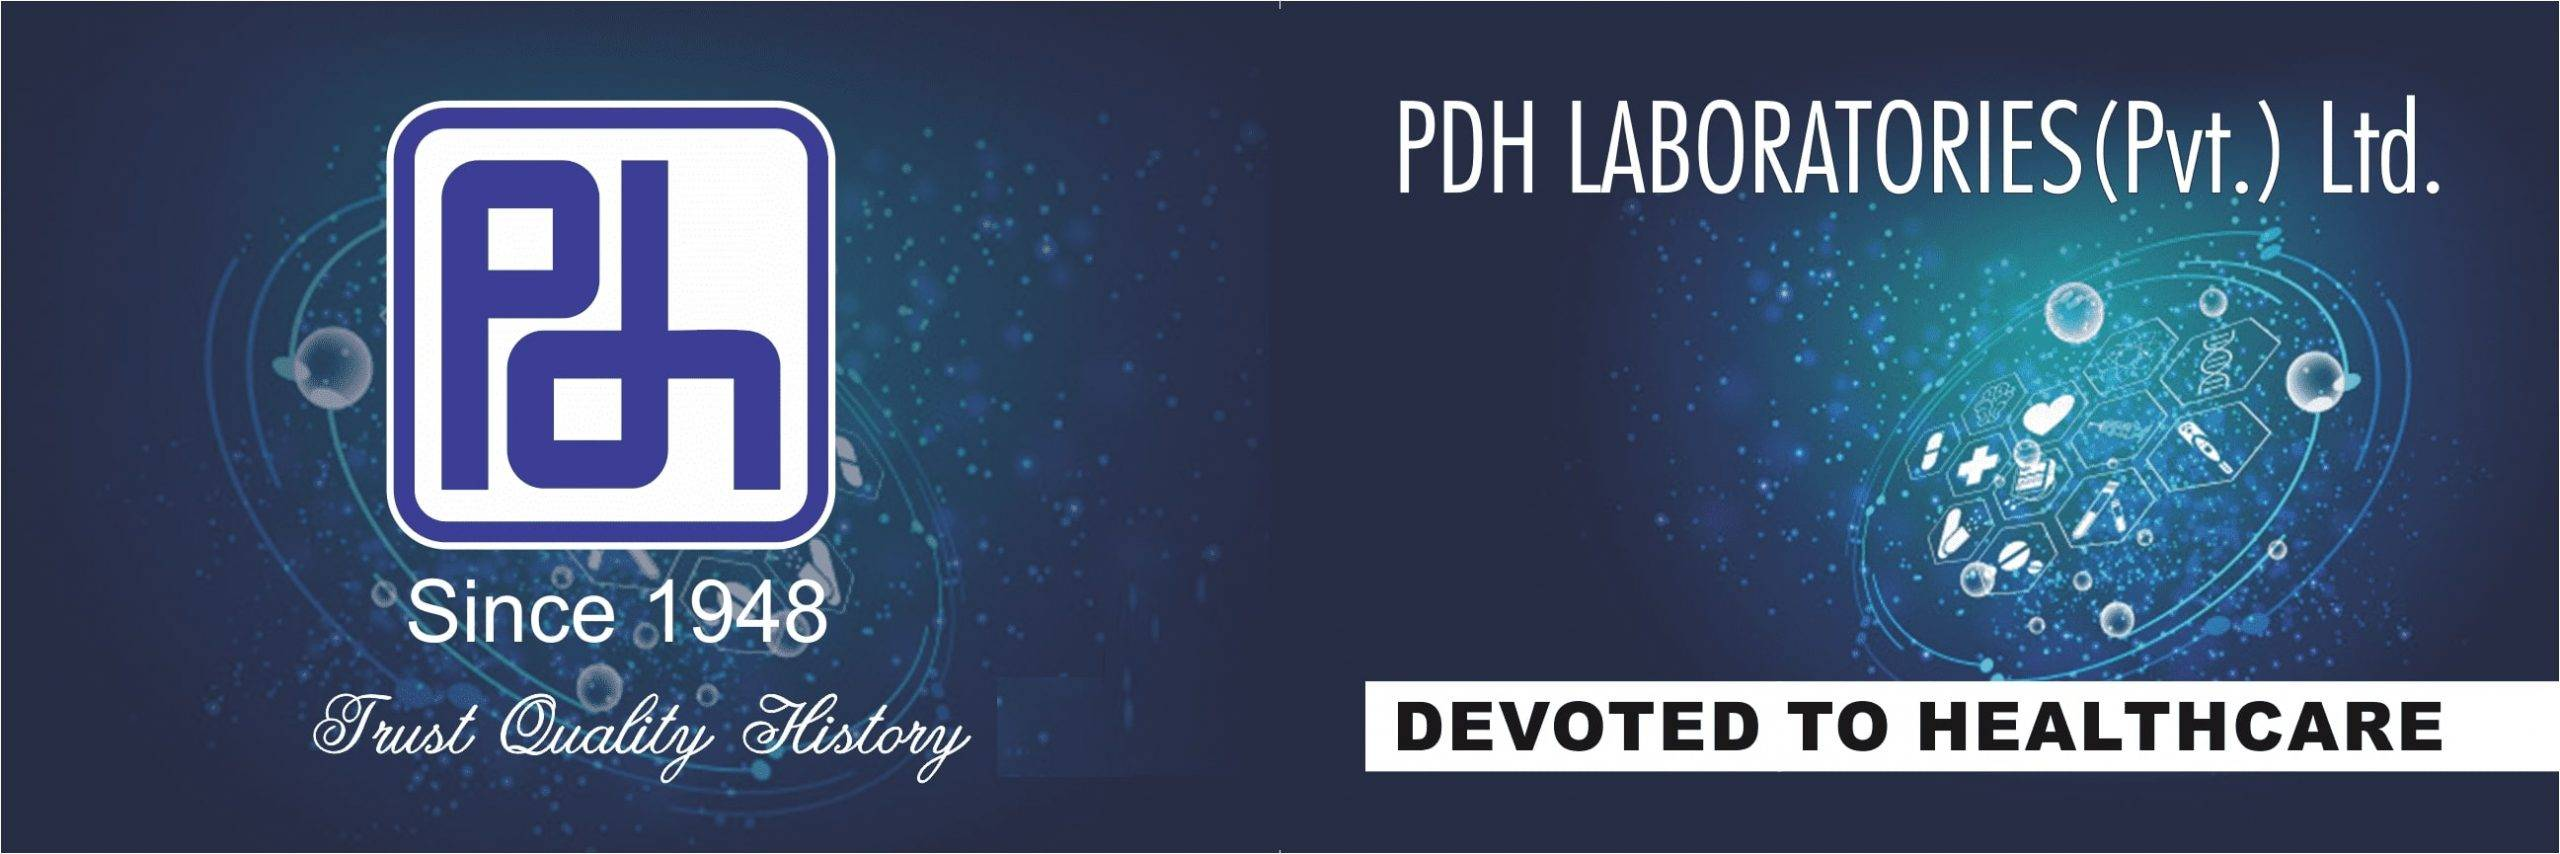 PDH-DOOR-option2-1